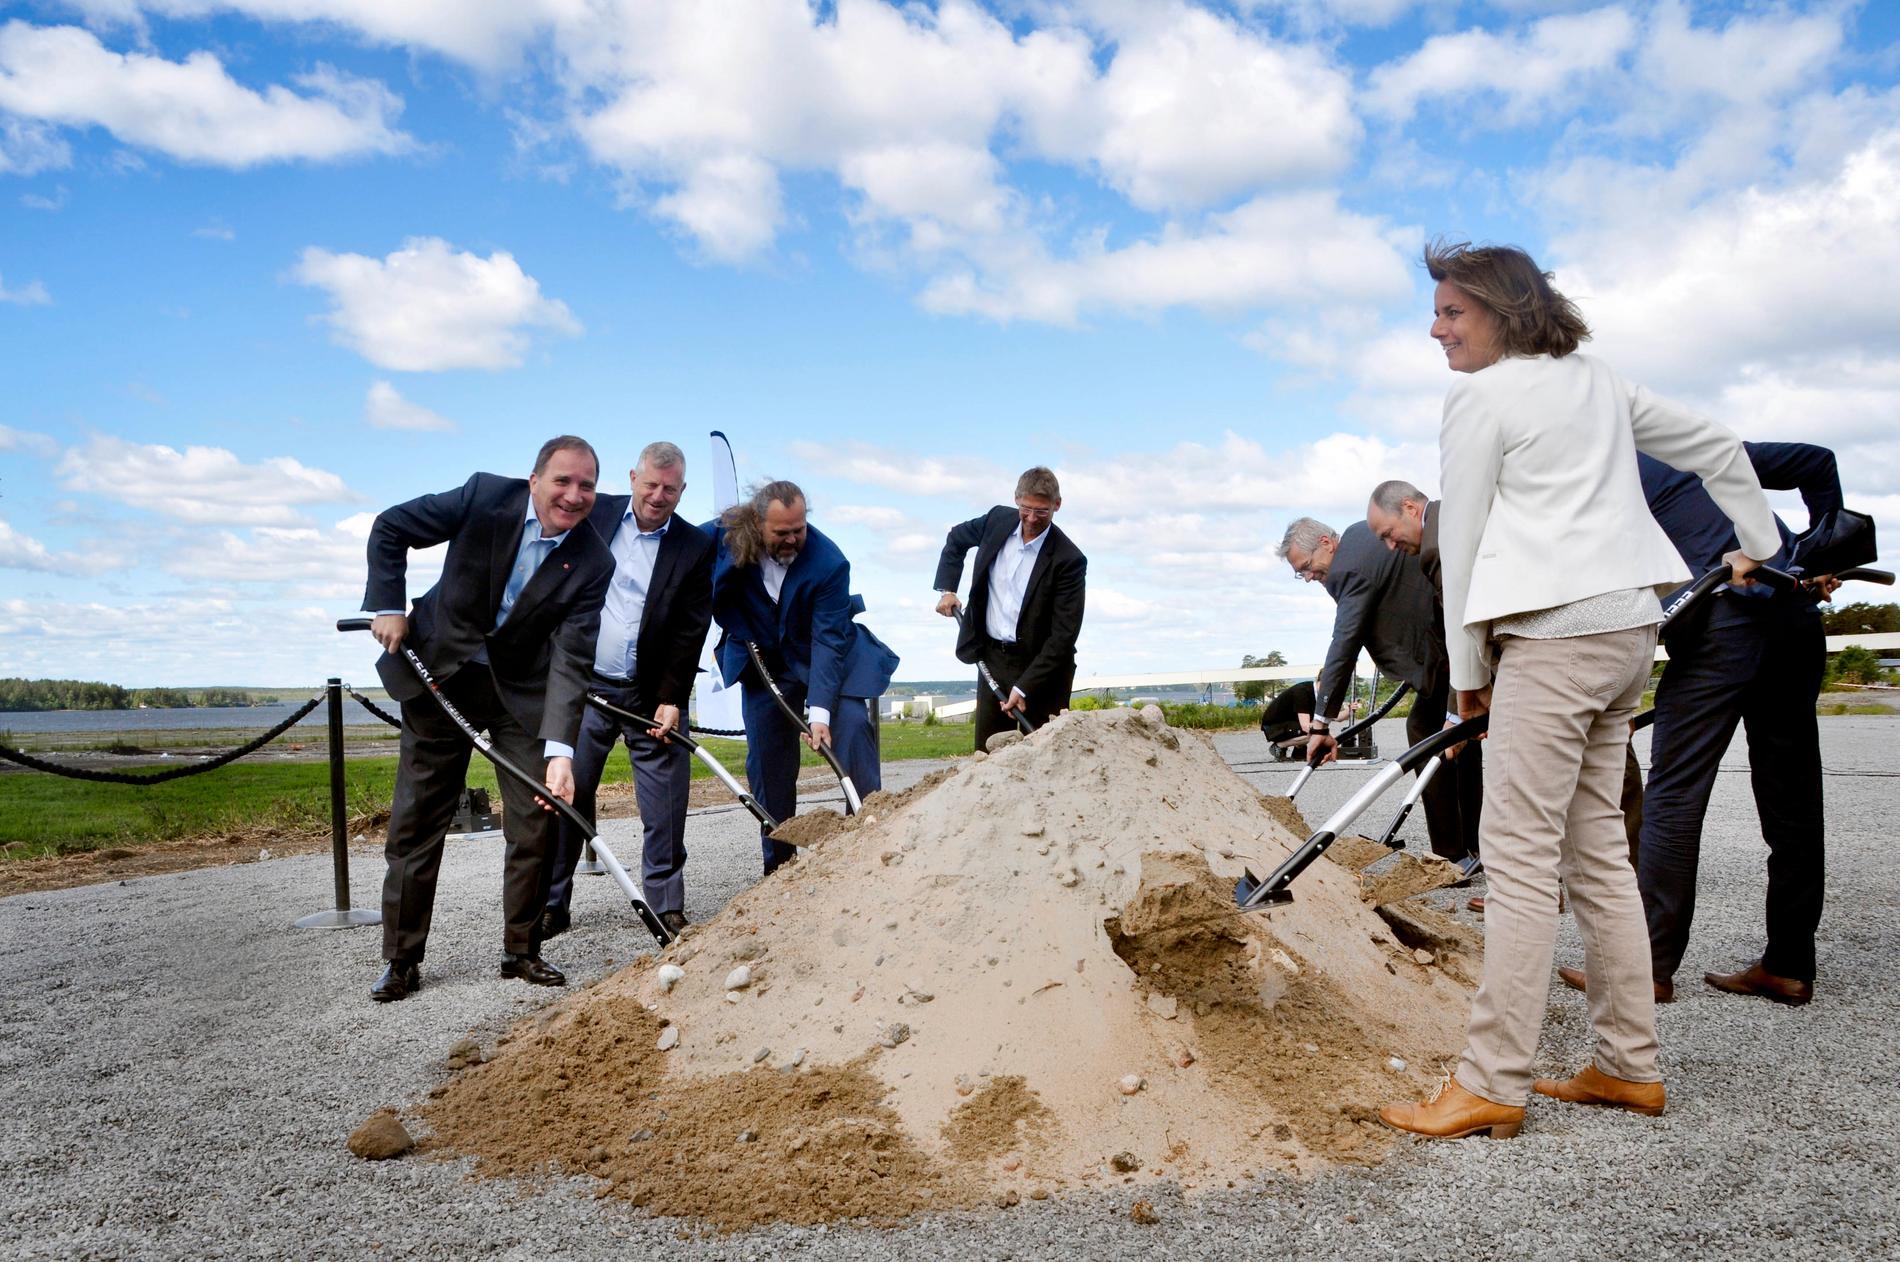 För två år sedan var Stefan Löfven på plats när bygget av försöksanläggningen startade i Luleå. I dag invigs han den.